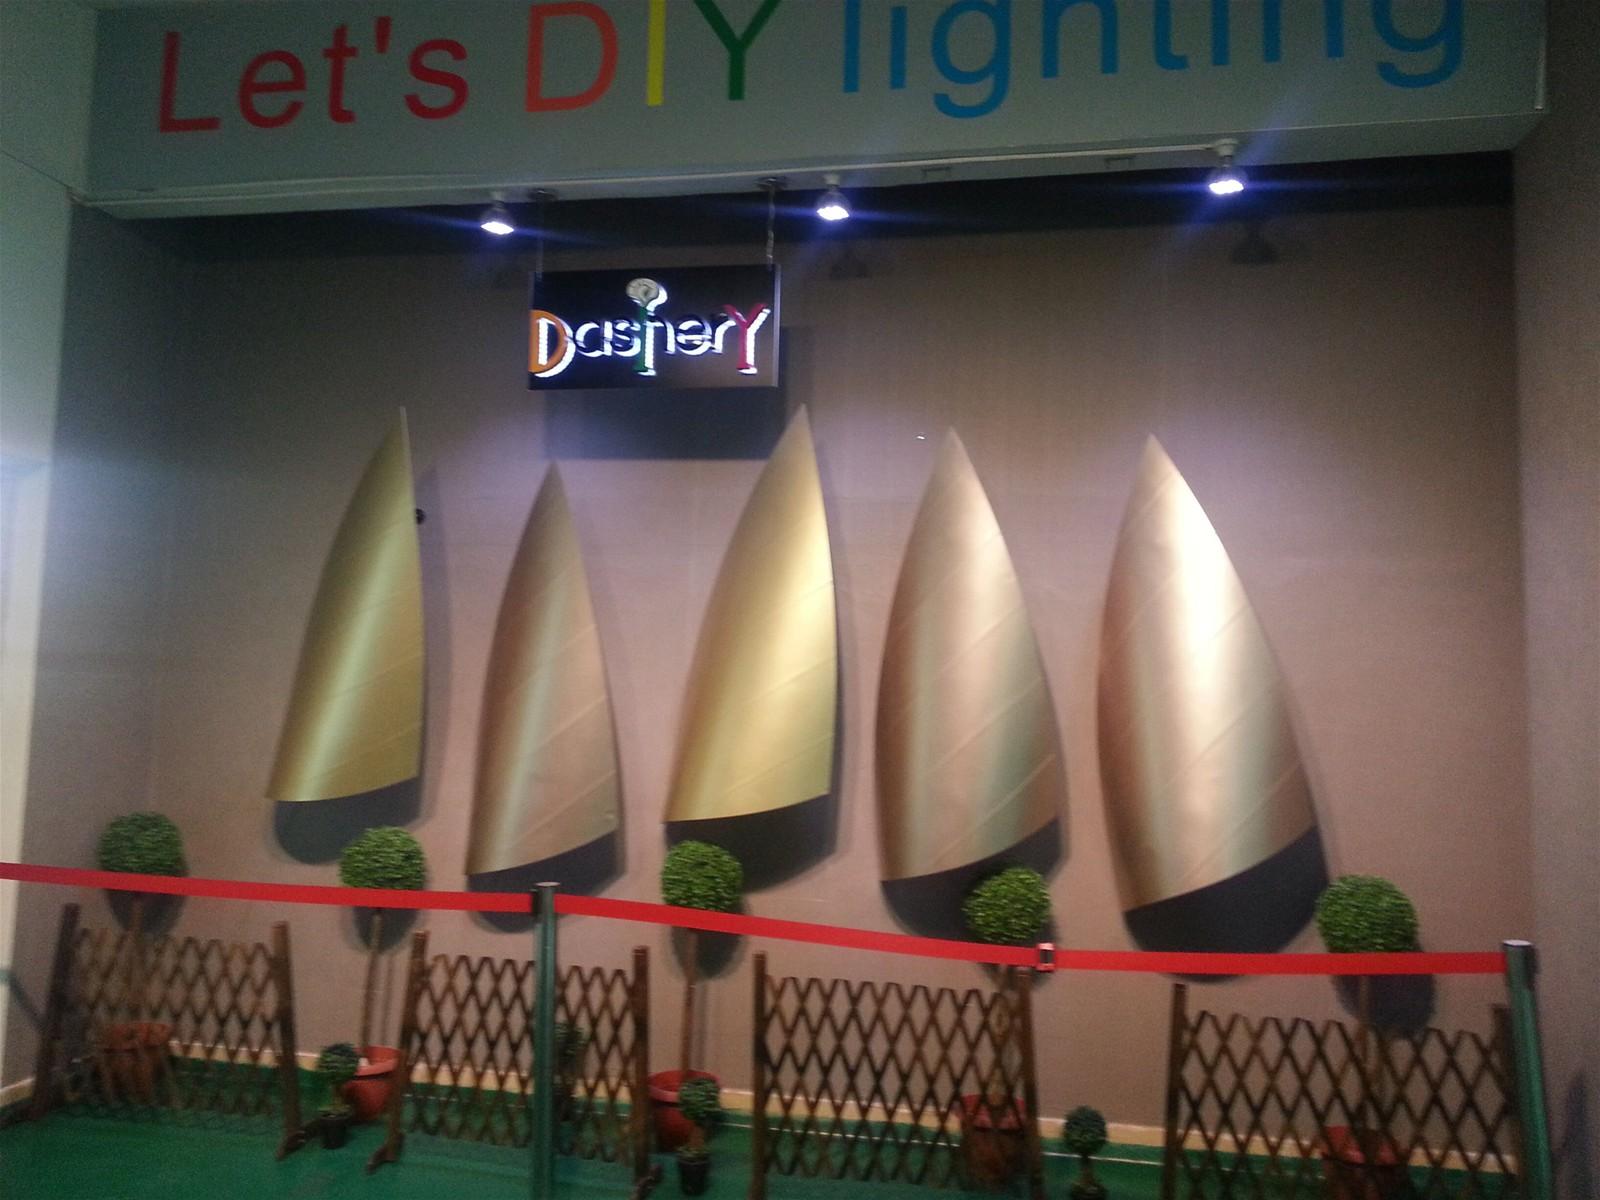 Dasher DIY Lighting Technology Co., Ltd.